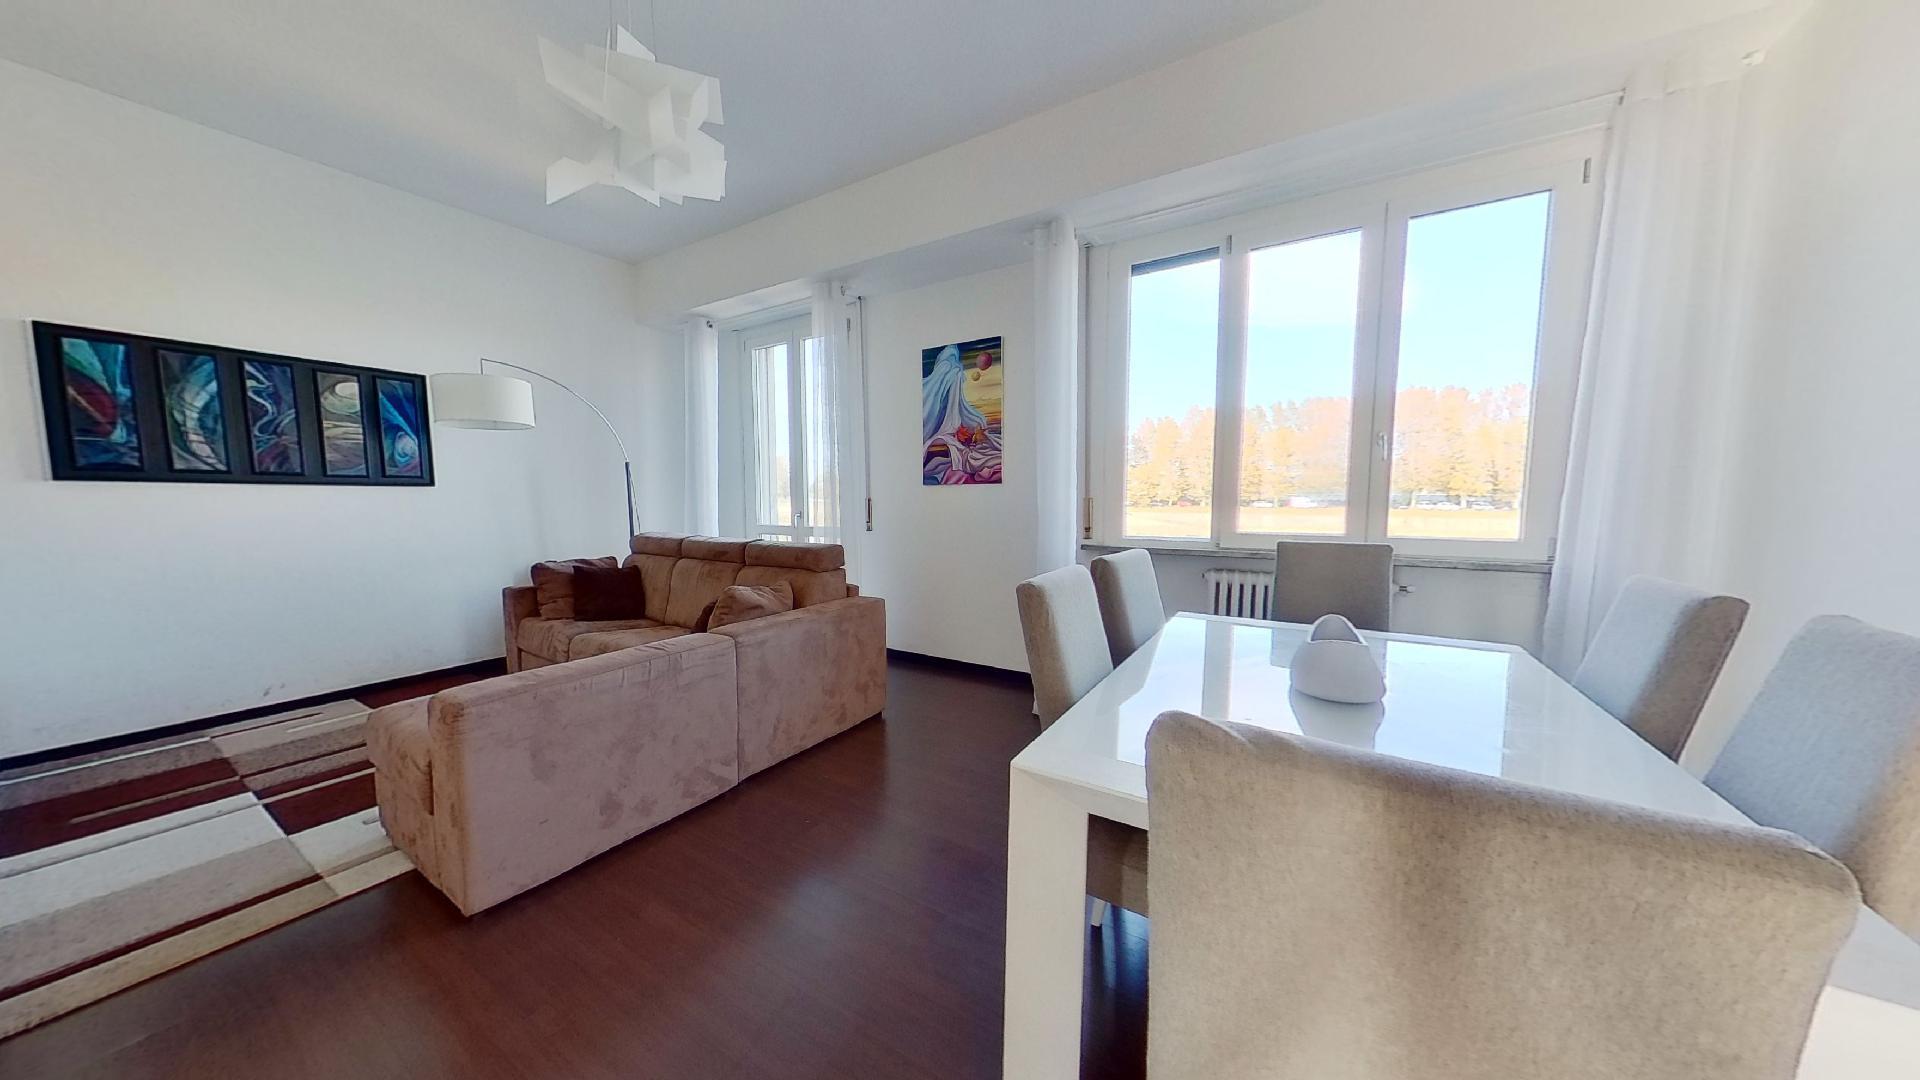 Appartamento vista fiume Arno | Lungarno S. Giovanni al Gatano